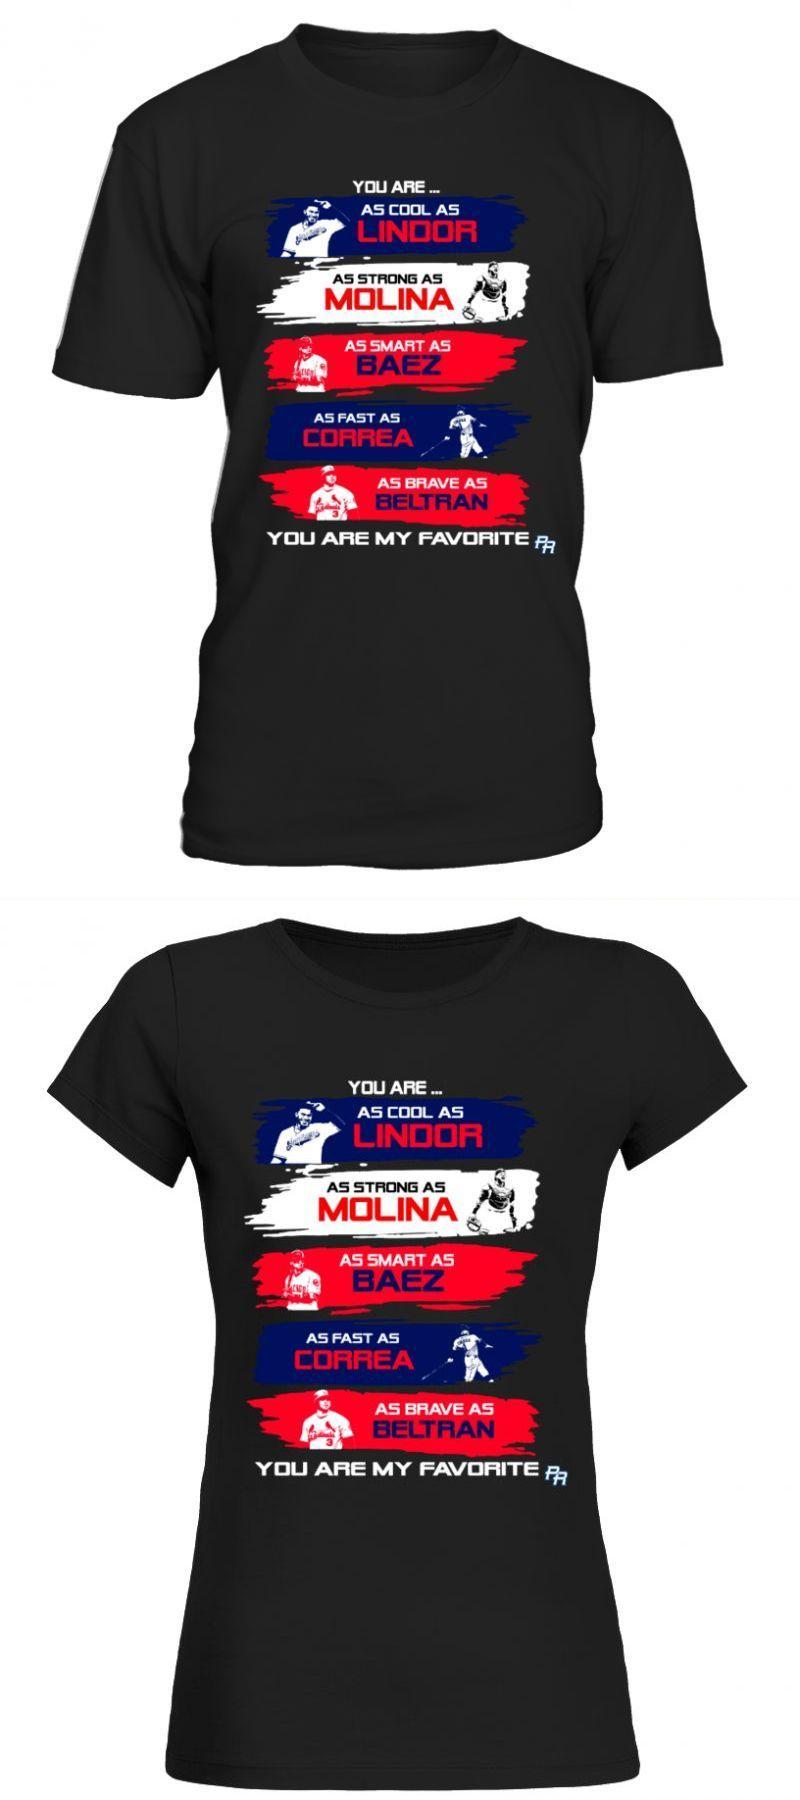 d75d223a253 My Baseball Team Shirts - DREAMWORKS